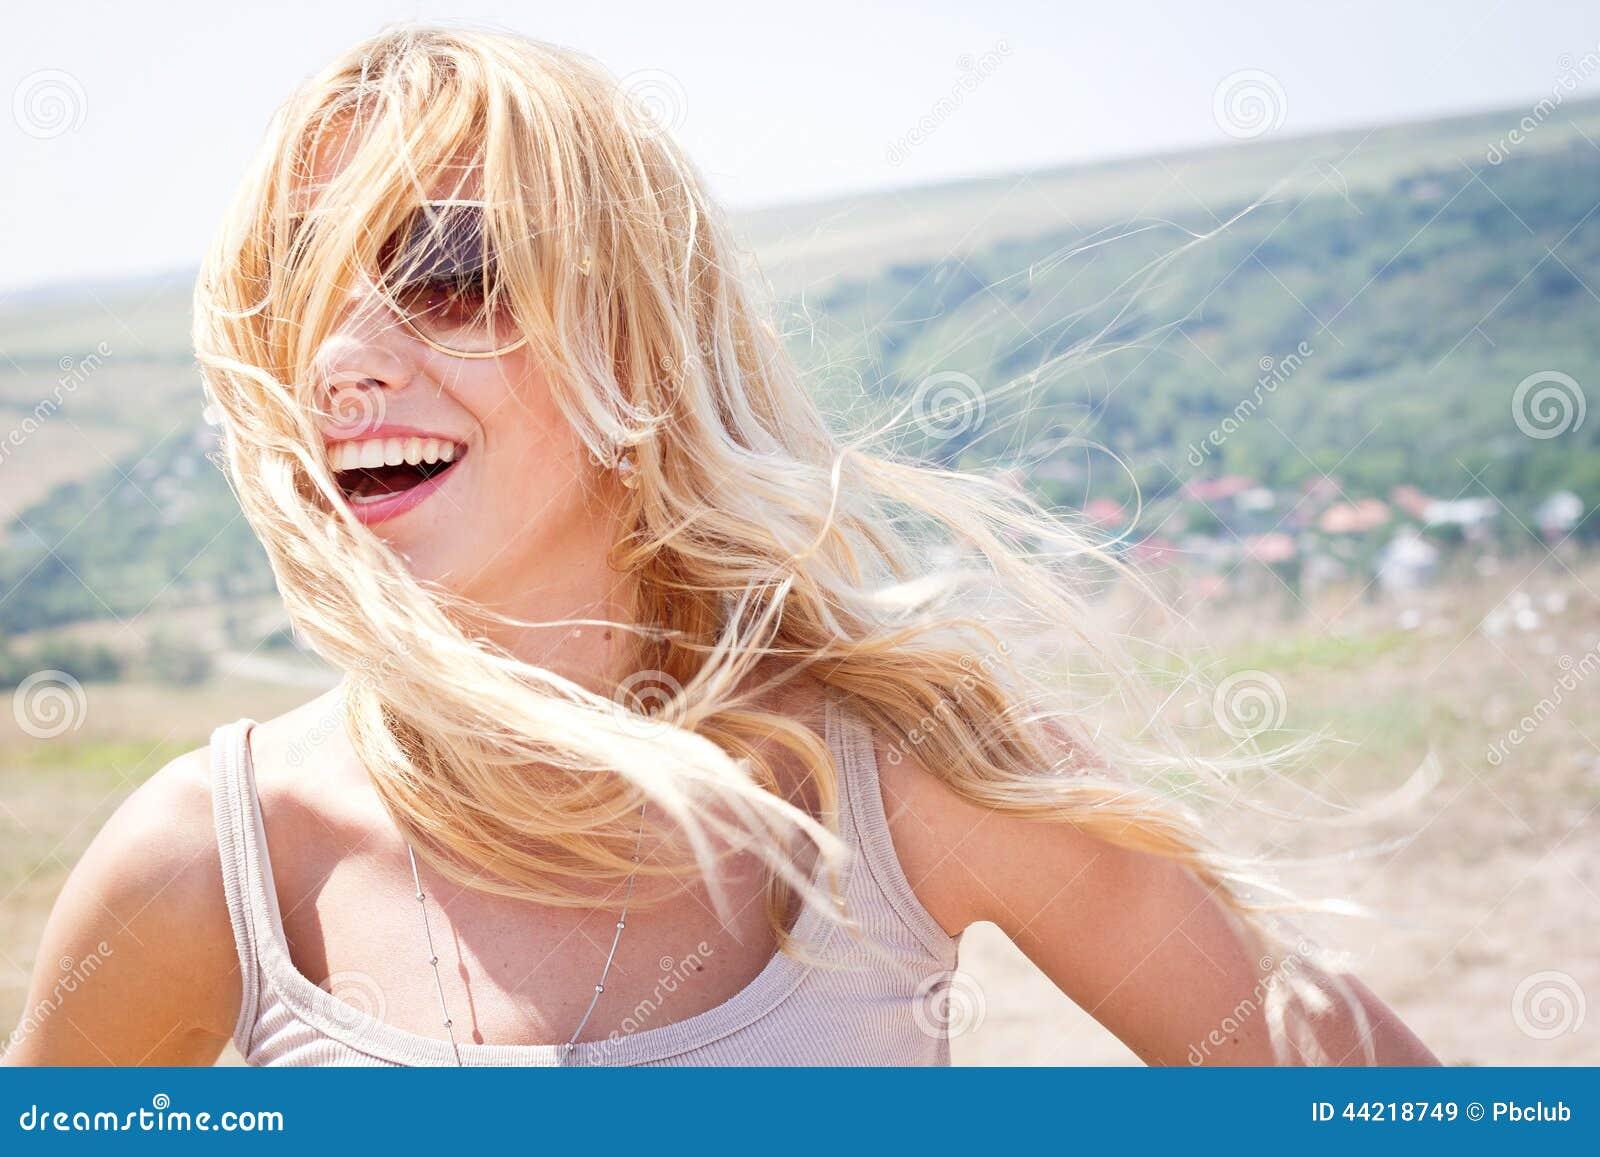 Glimlachende vrouw in openlucht met wind geblazen haar